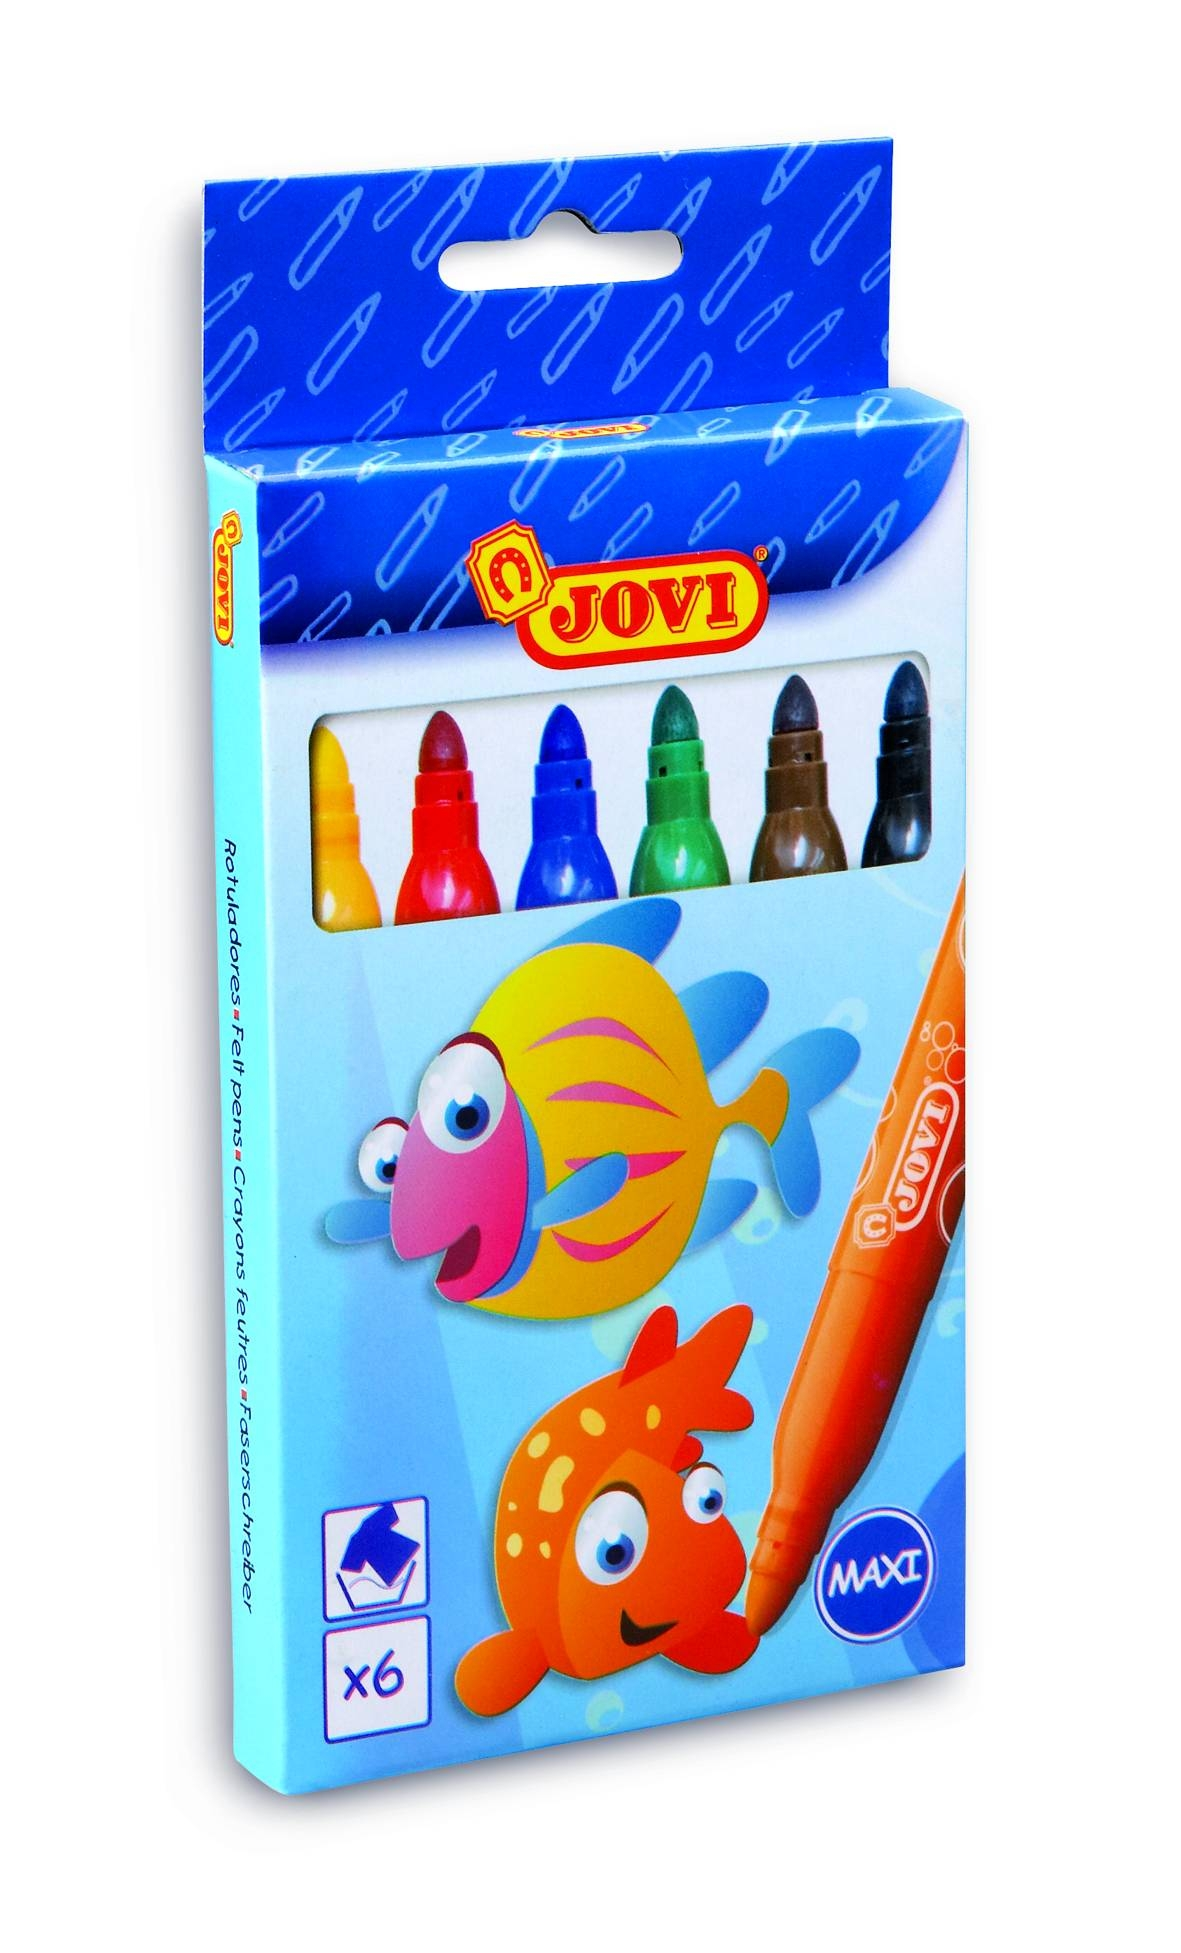 Набор фломастеров Jovi 6 цветов Maxi